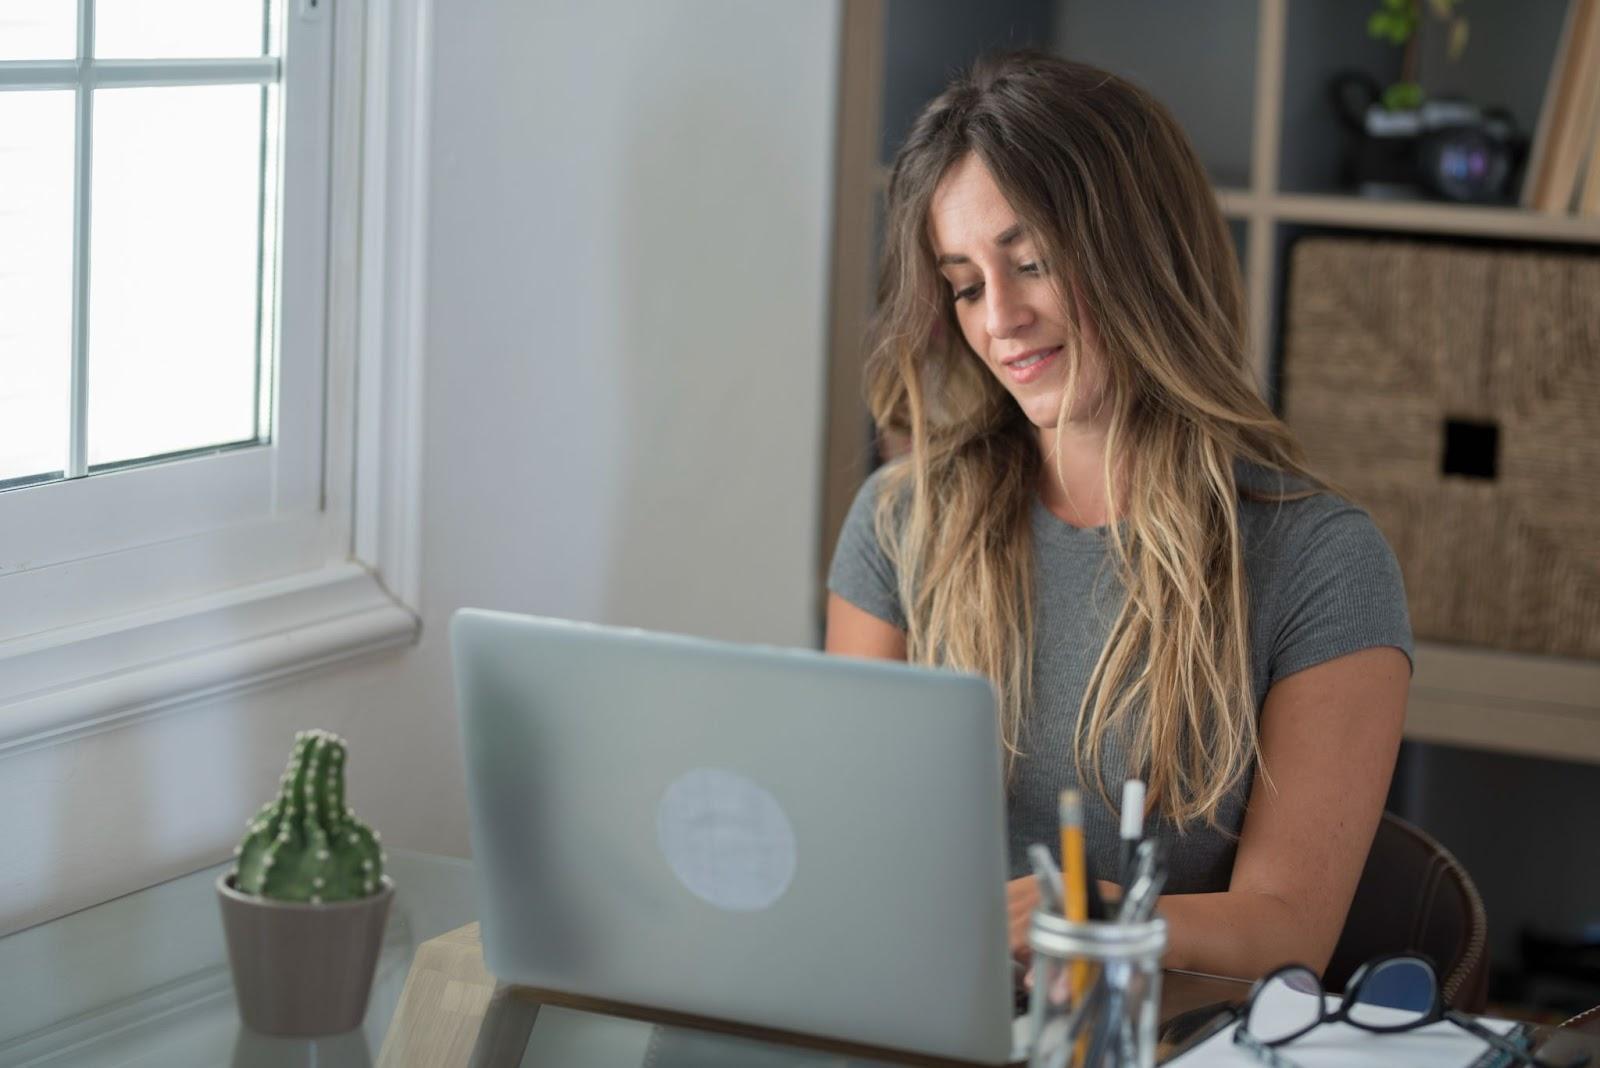 Woman browsing web on laptop